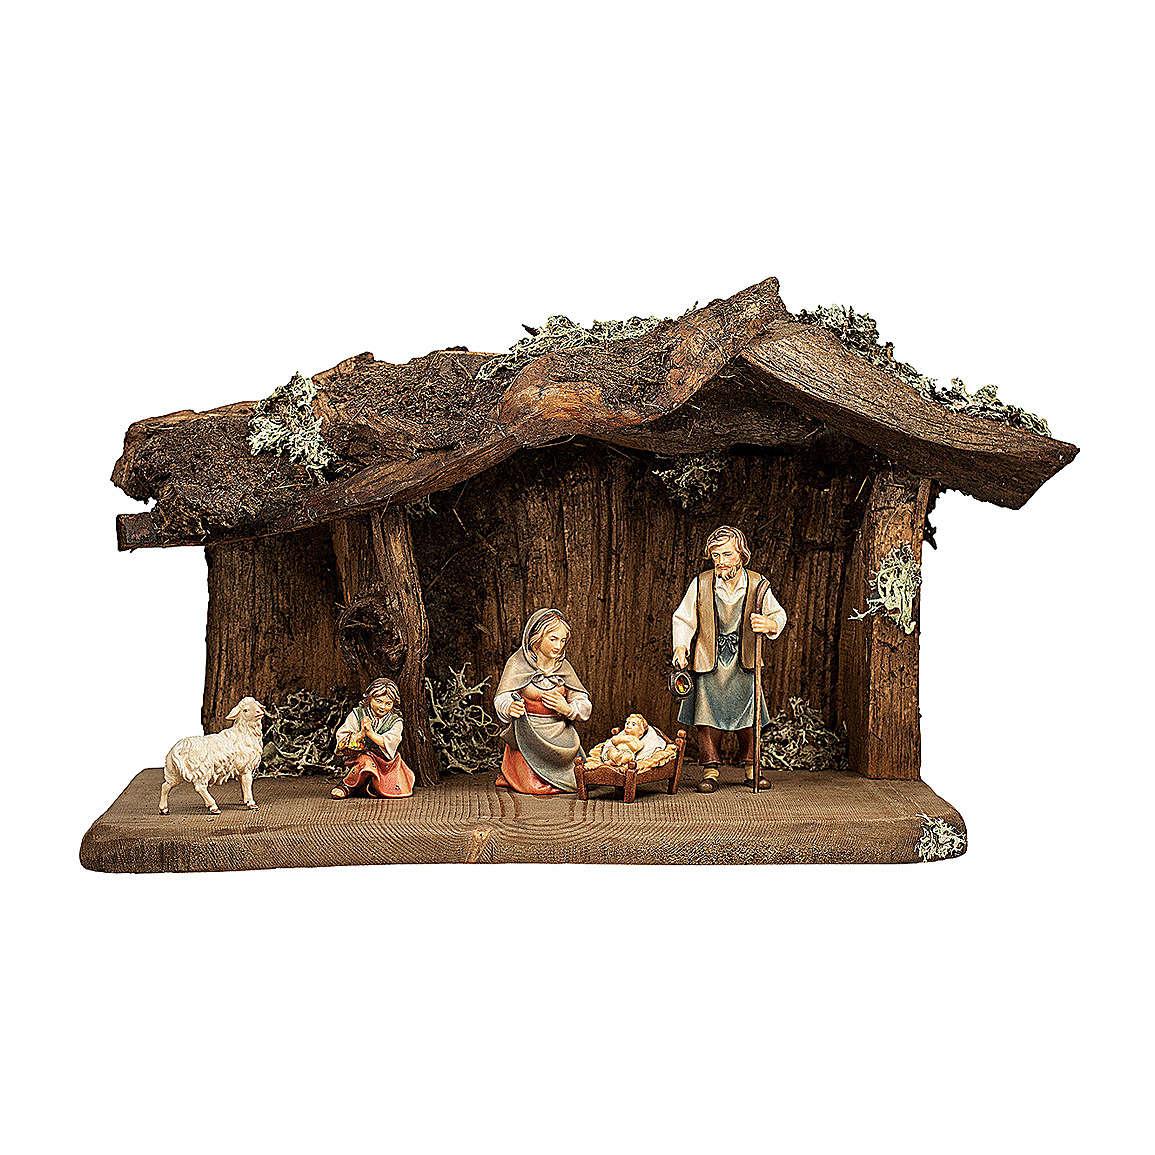 Natività nella grotta presepe Original Pastore legno dipinto in Val Gardena 12 cm - 5 pz 4